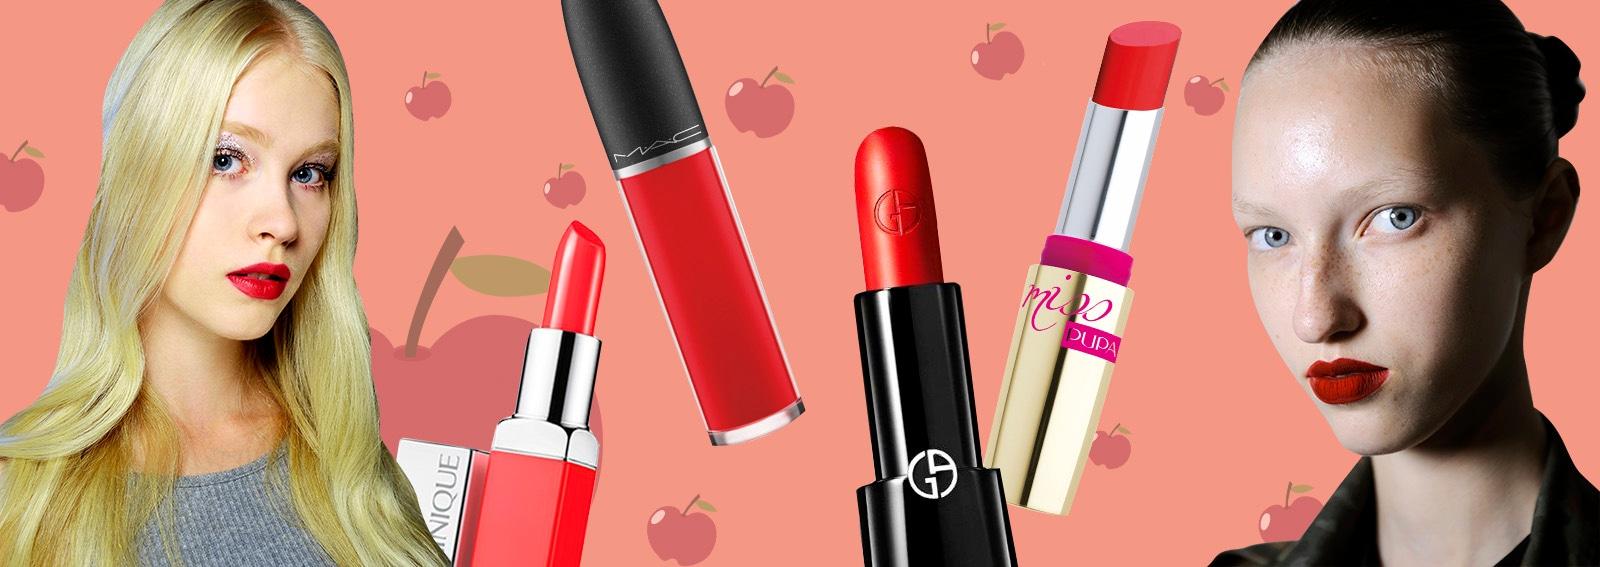 labbra-rosso-mela-la-tendenza-desktop